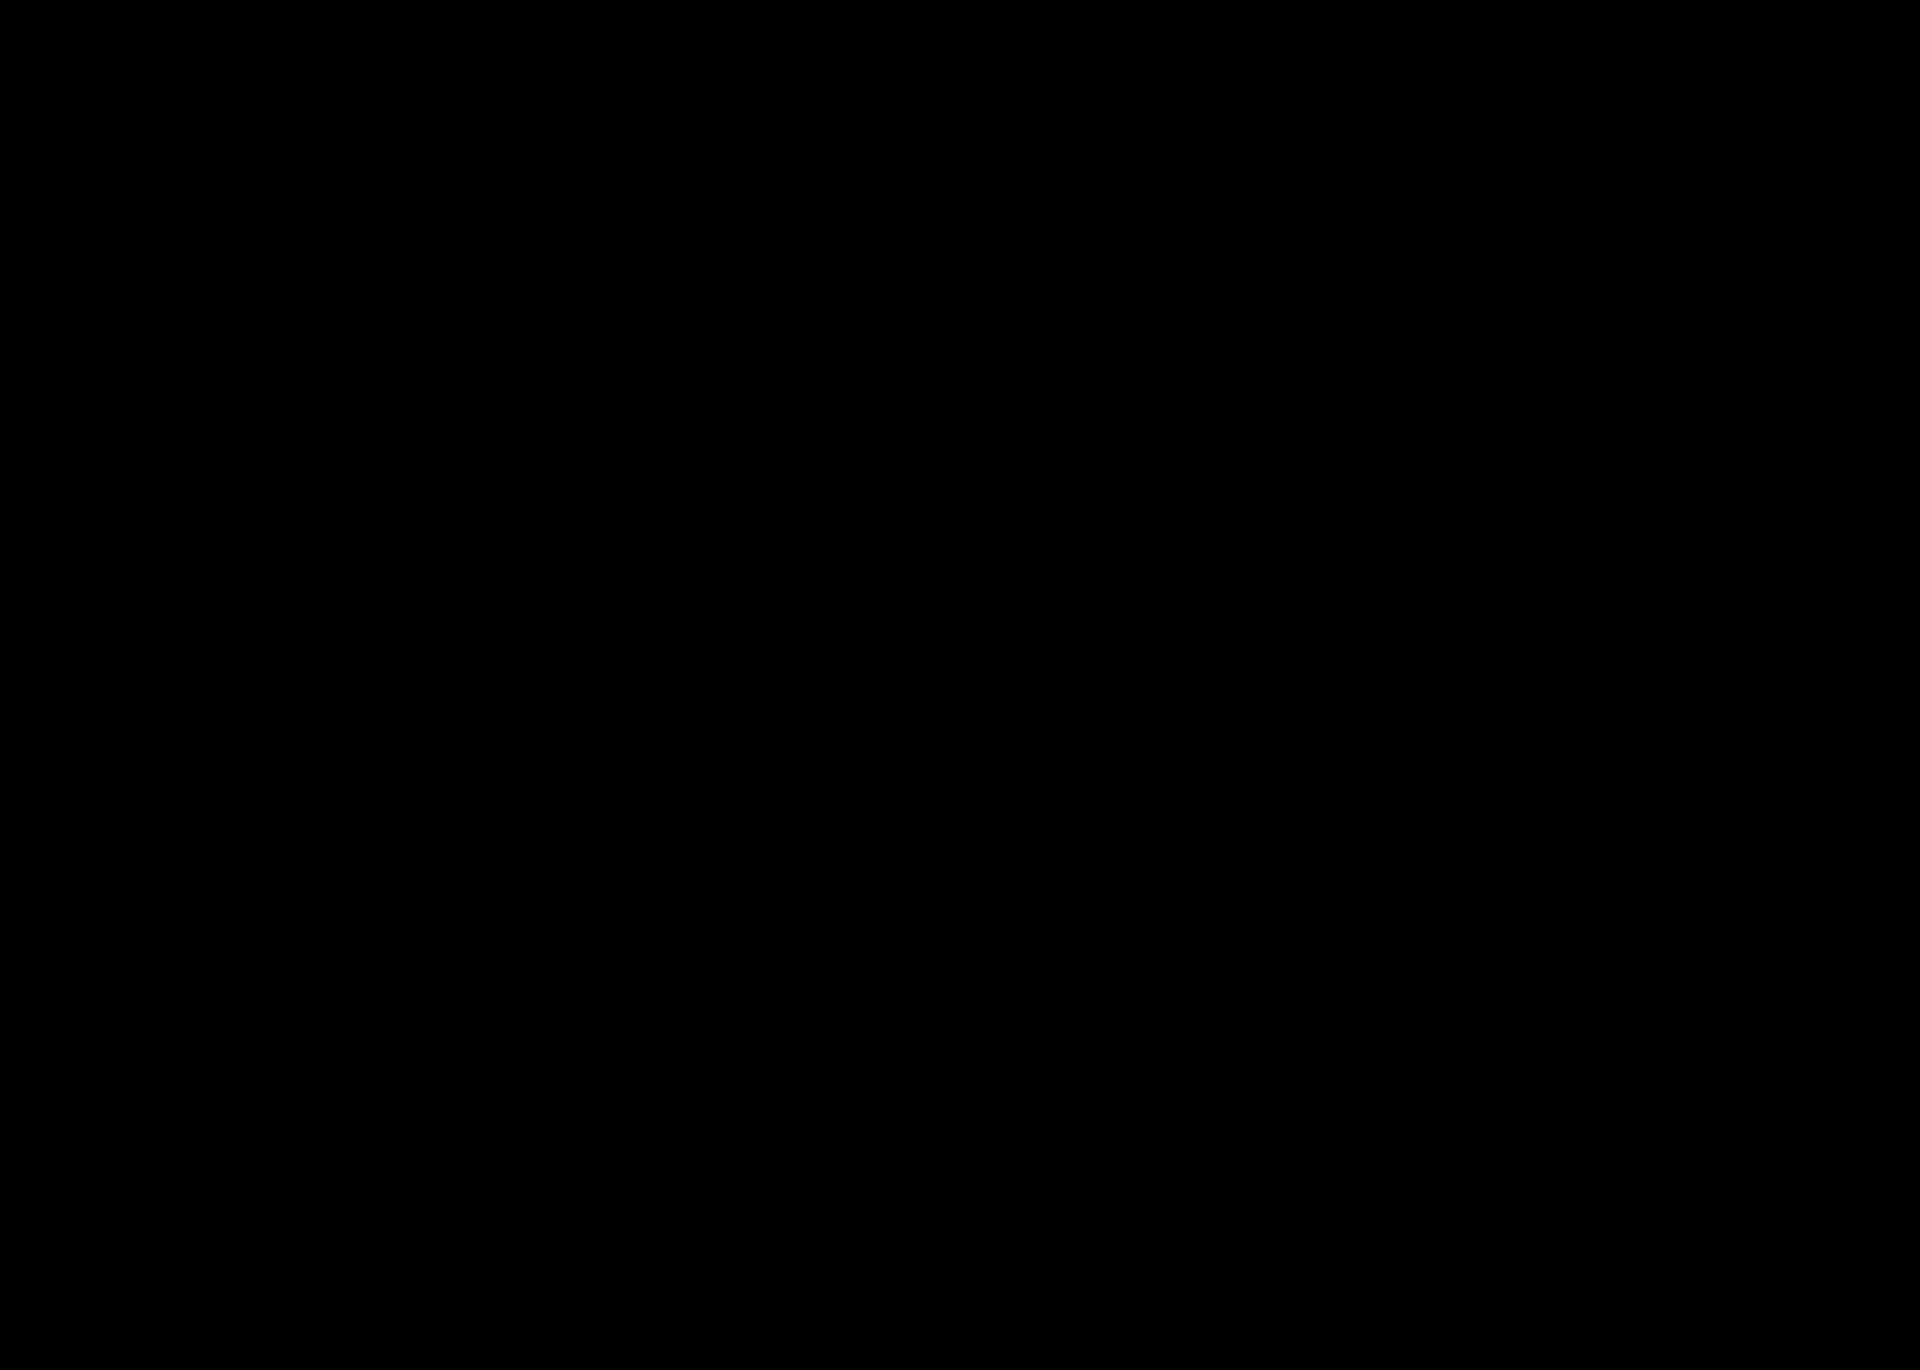 hlg_2894